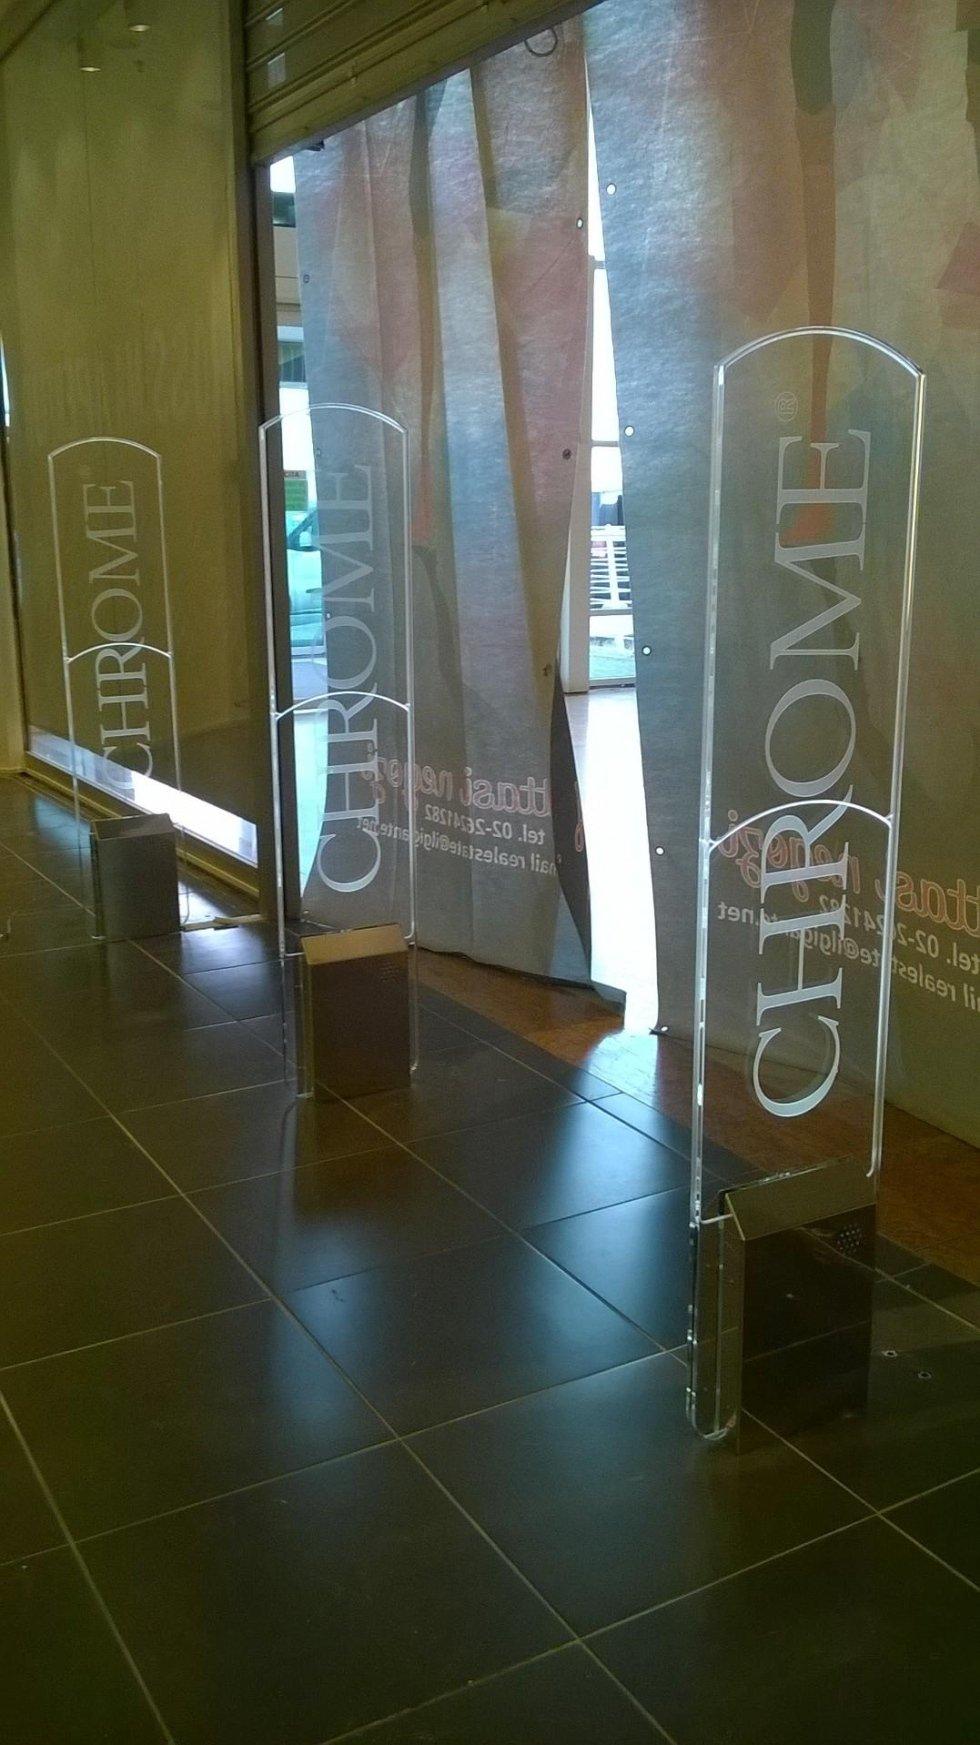 Tre barriere antitaccheggio con scritto Chrome all'interno di un negozio